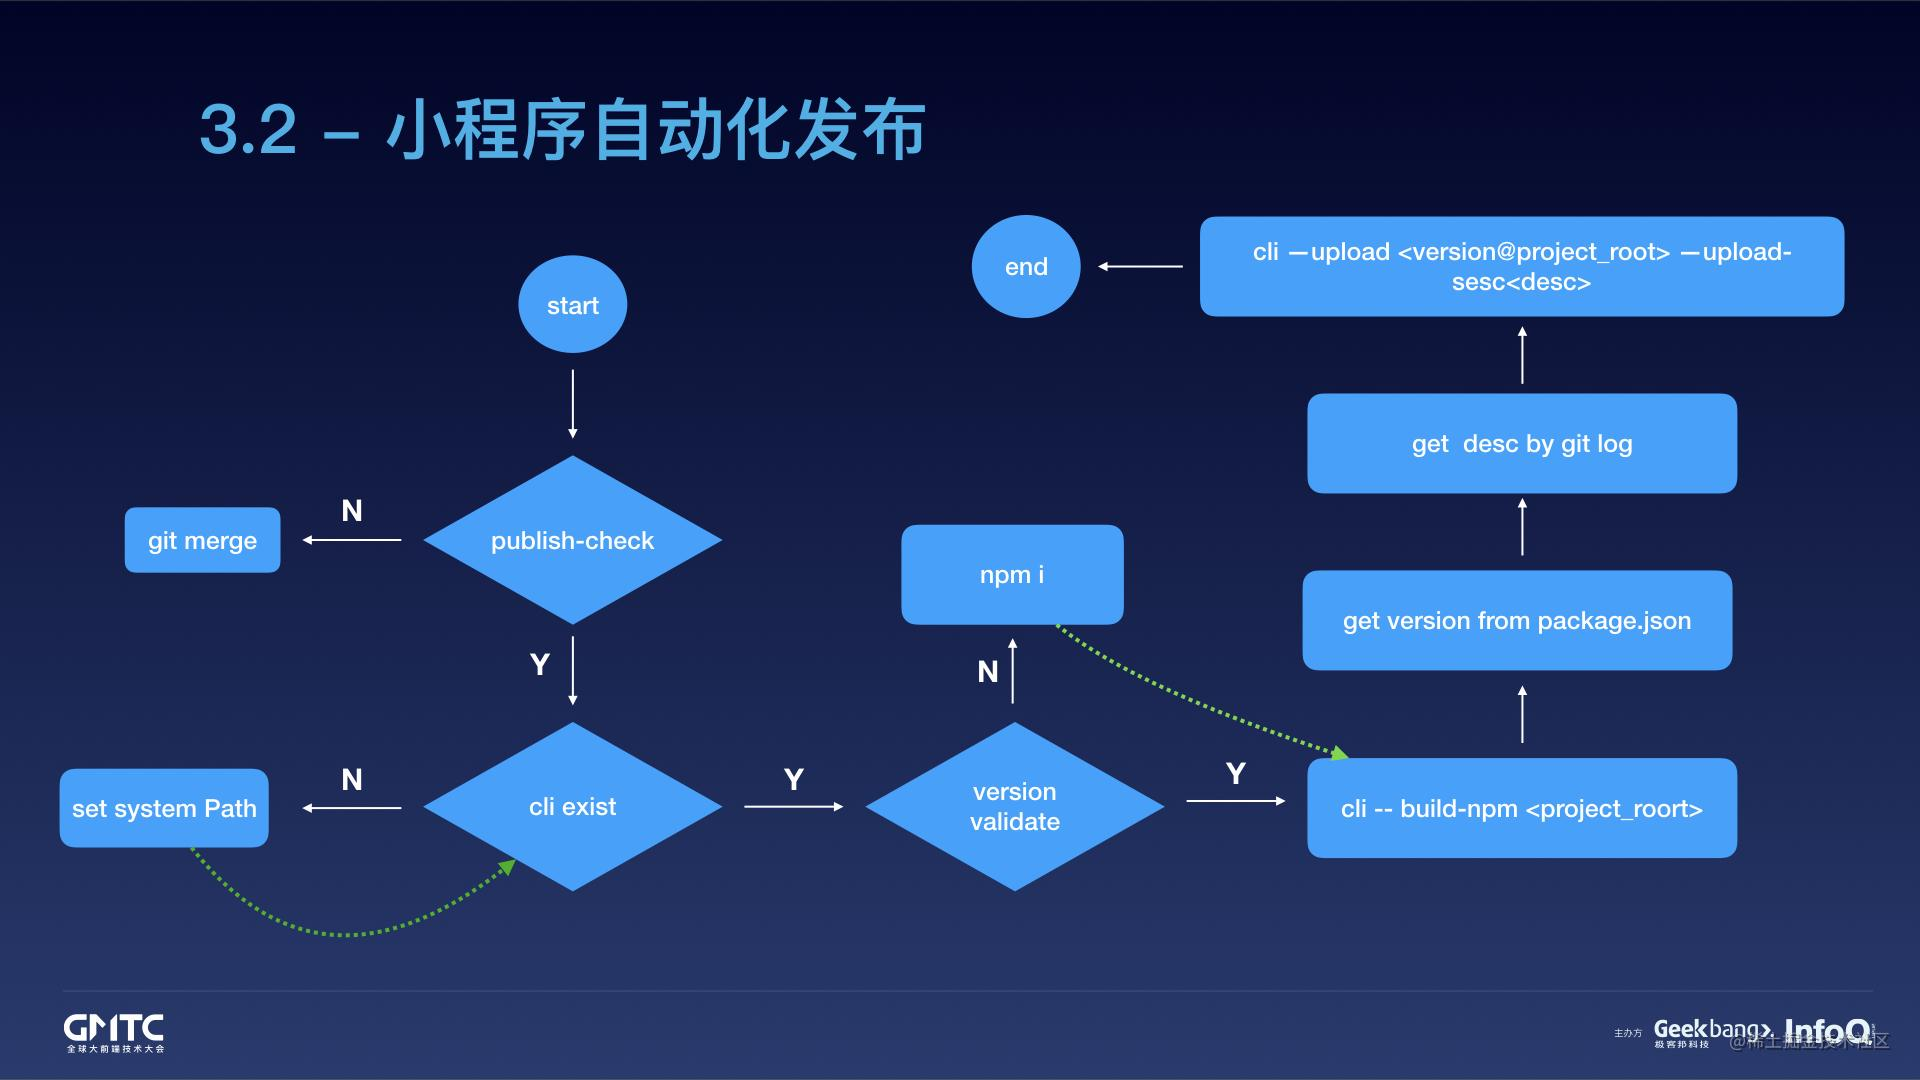 腾讯在线教育小程序开发实践之路.059.jpeg